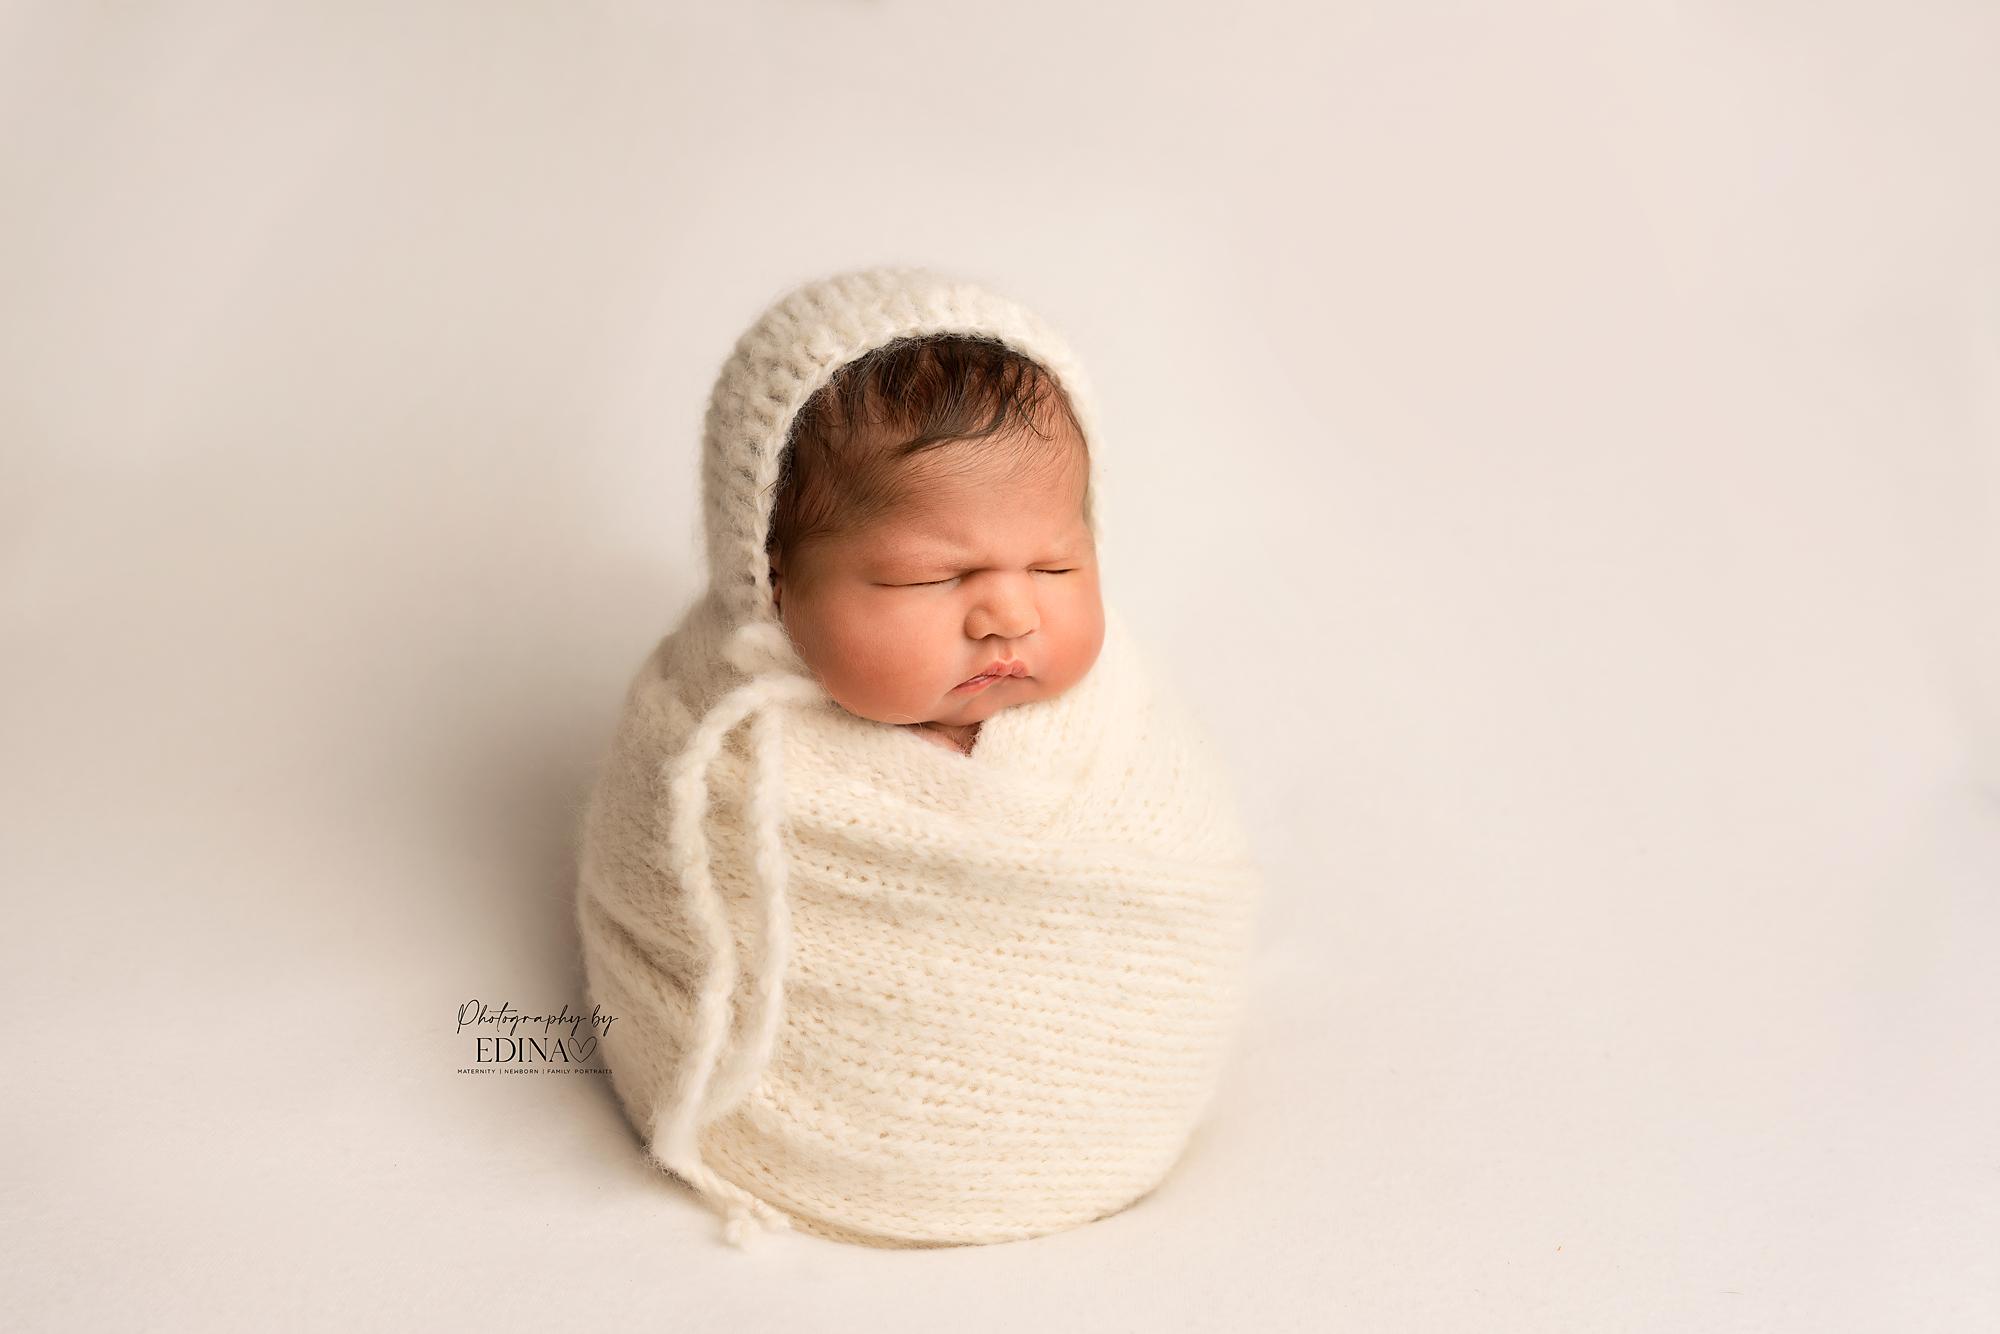 newborn photo shoot in york